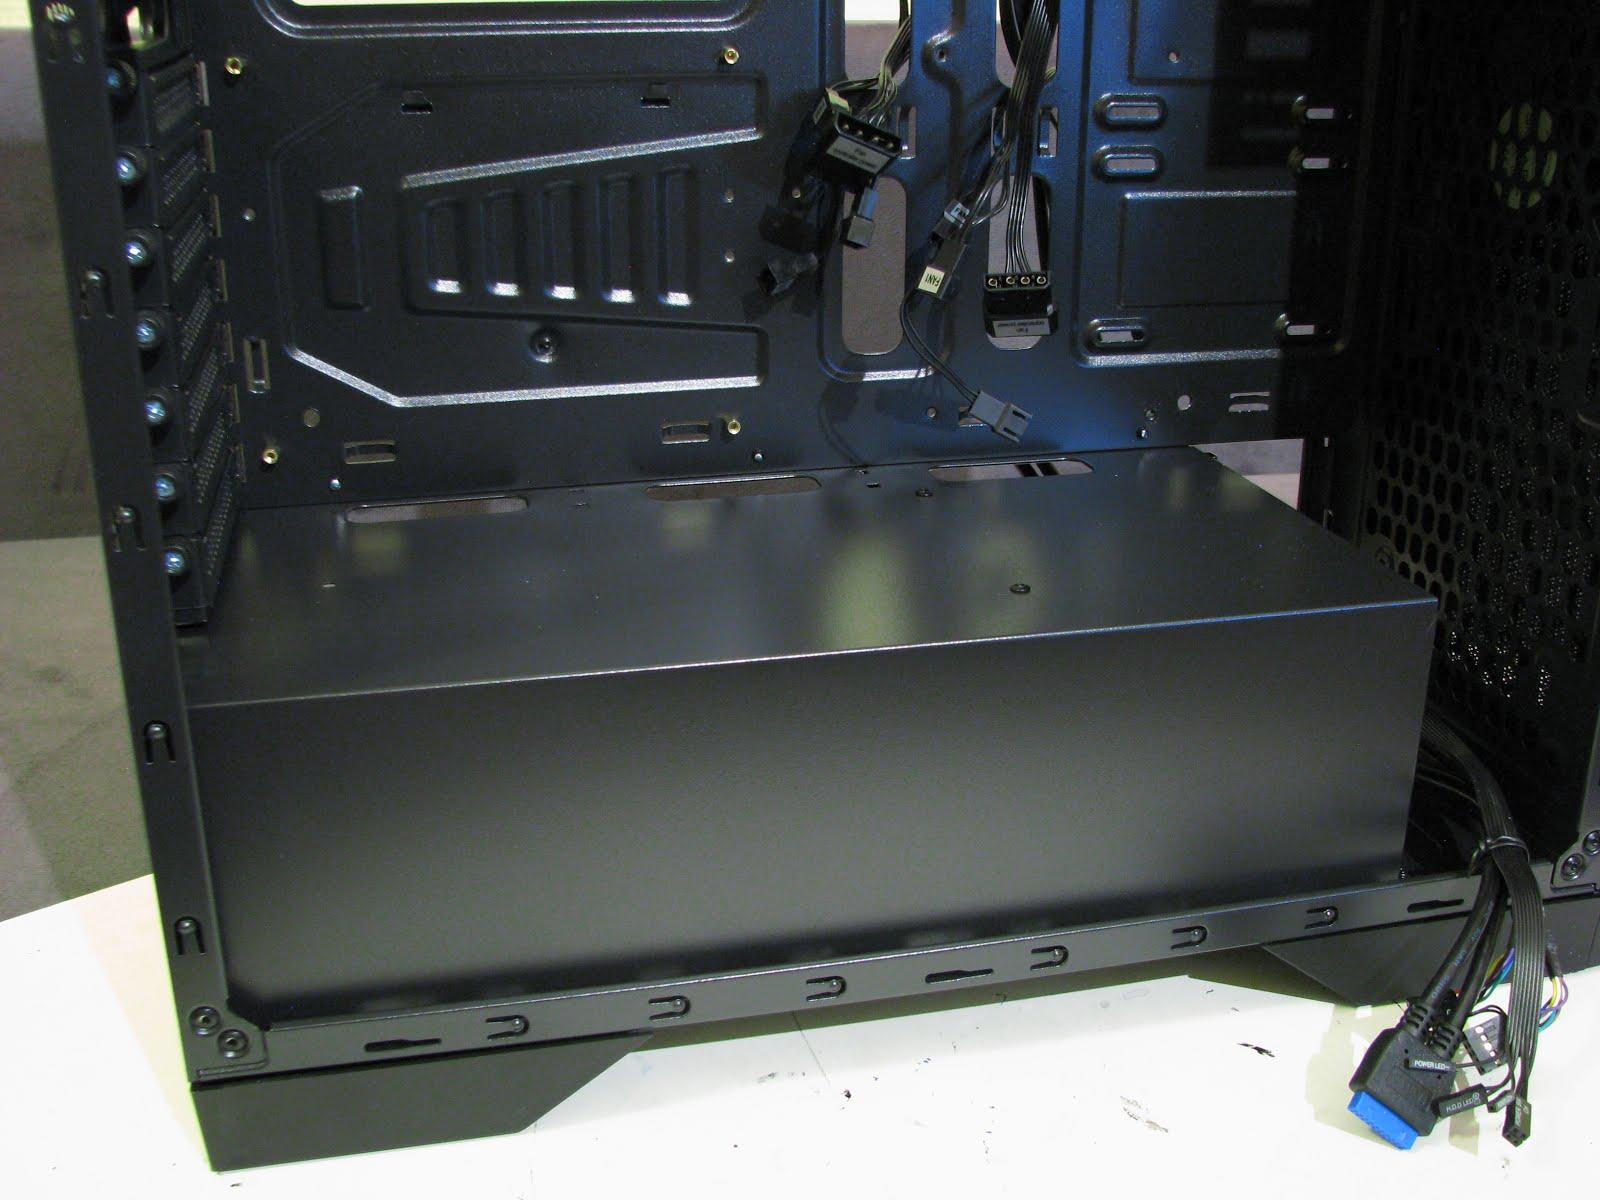 Tknw Silentiumpc Gladius M35 Pure Black Review